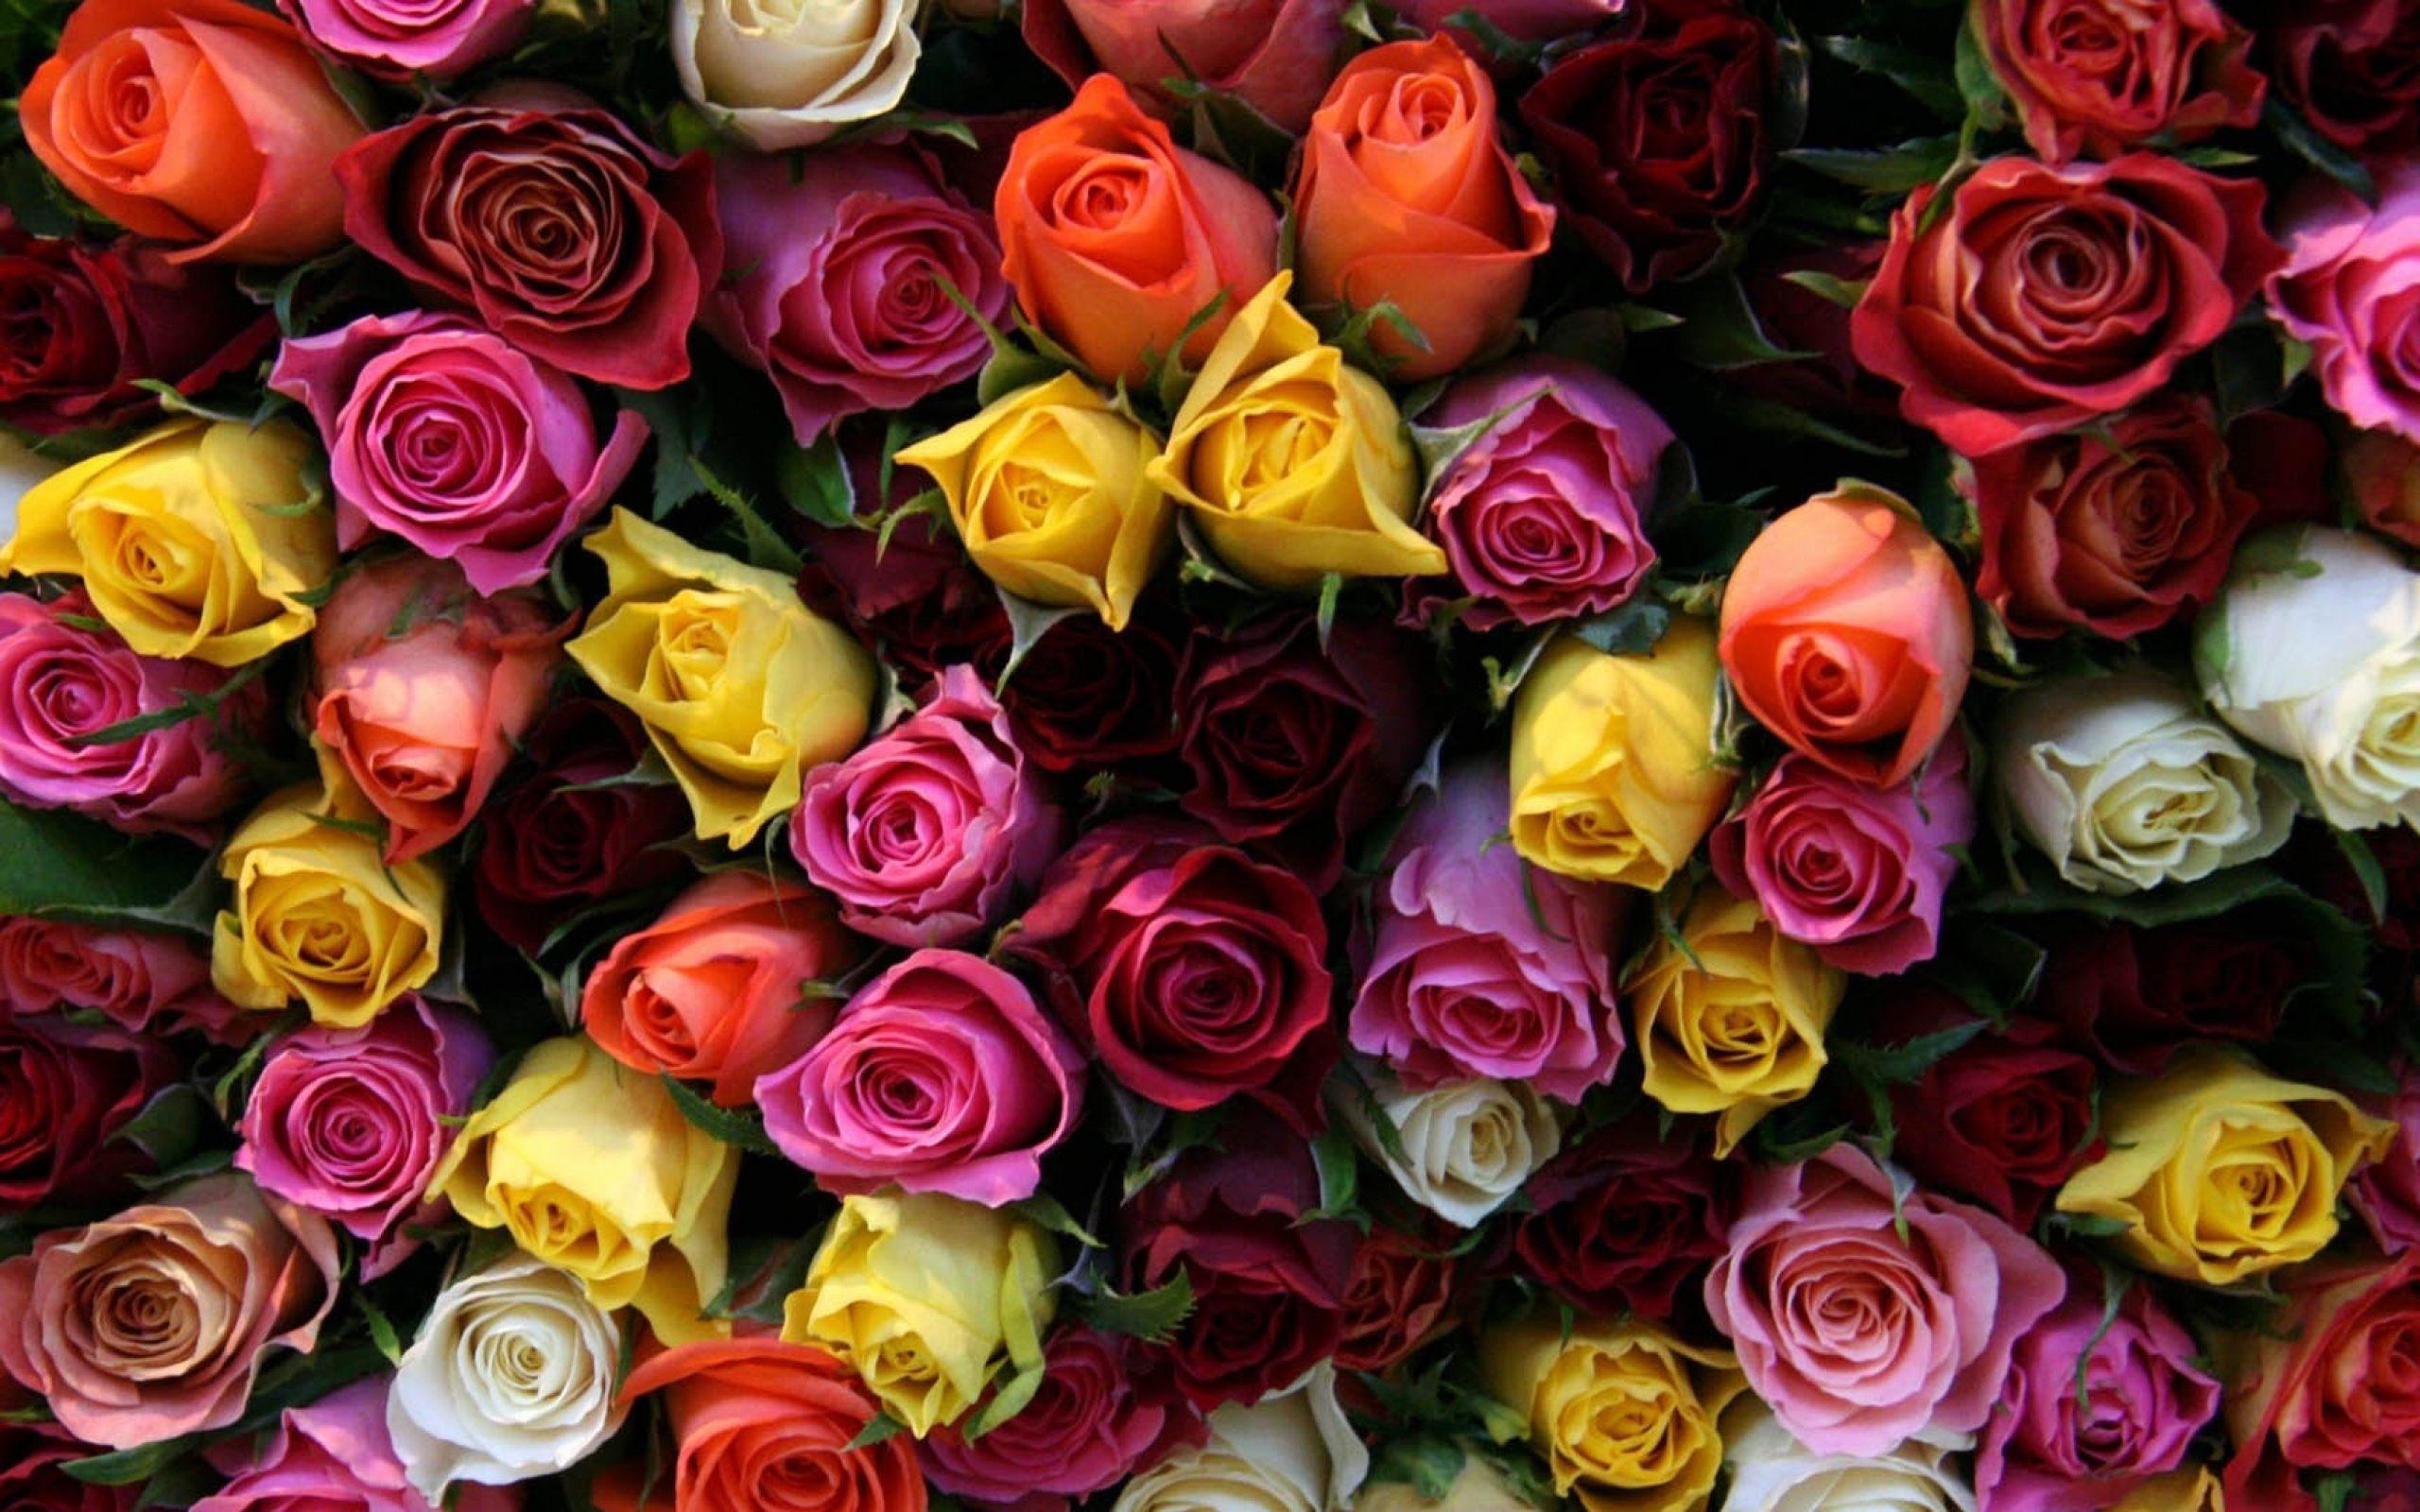 Color Roses Wallpaper HD Download Of Beautiful Roses